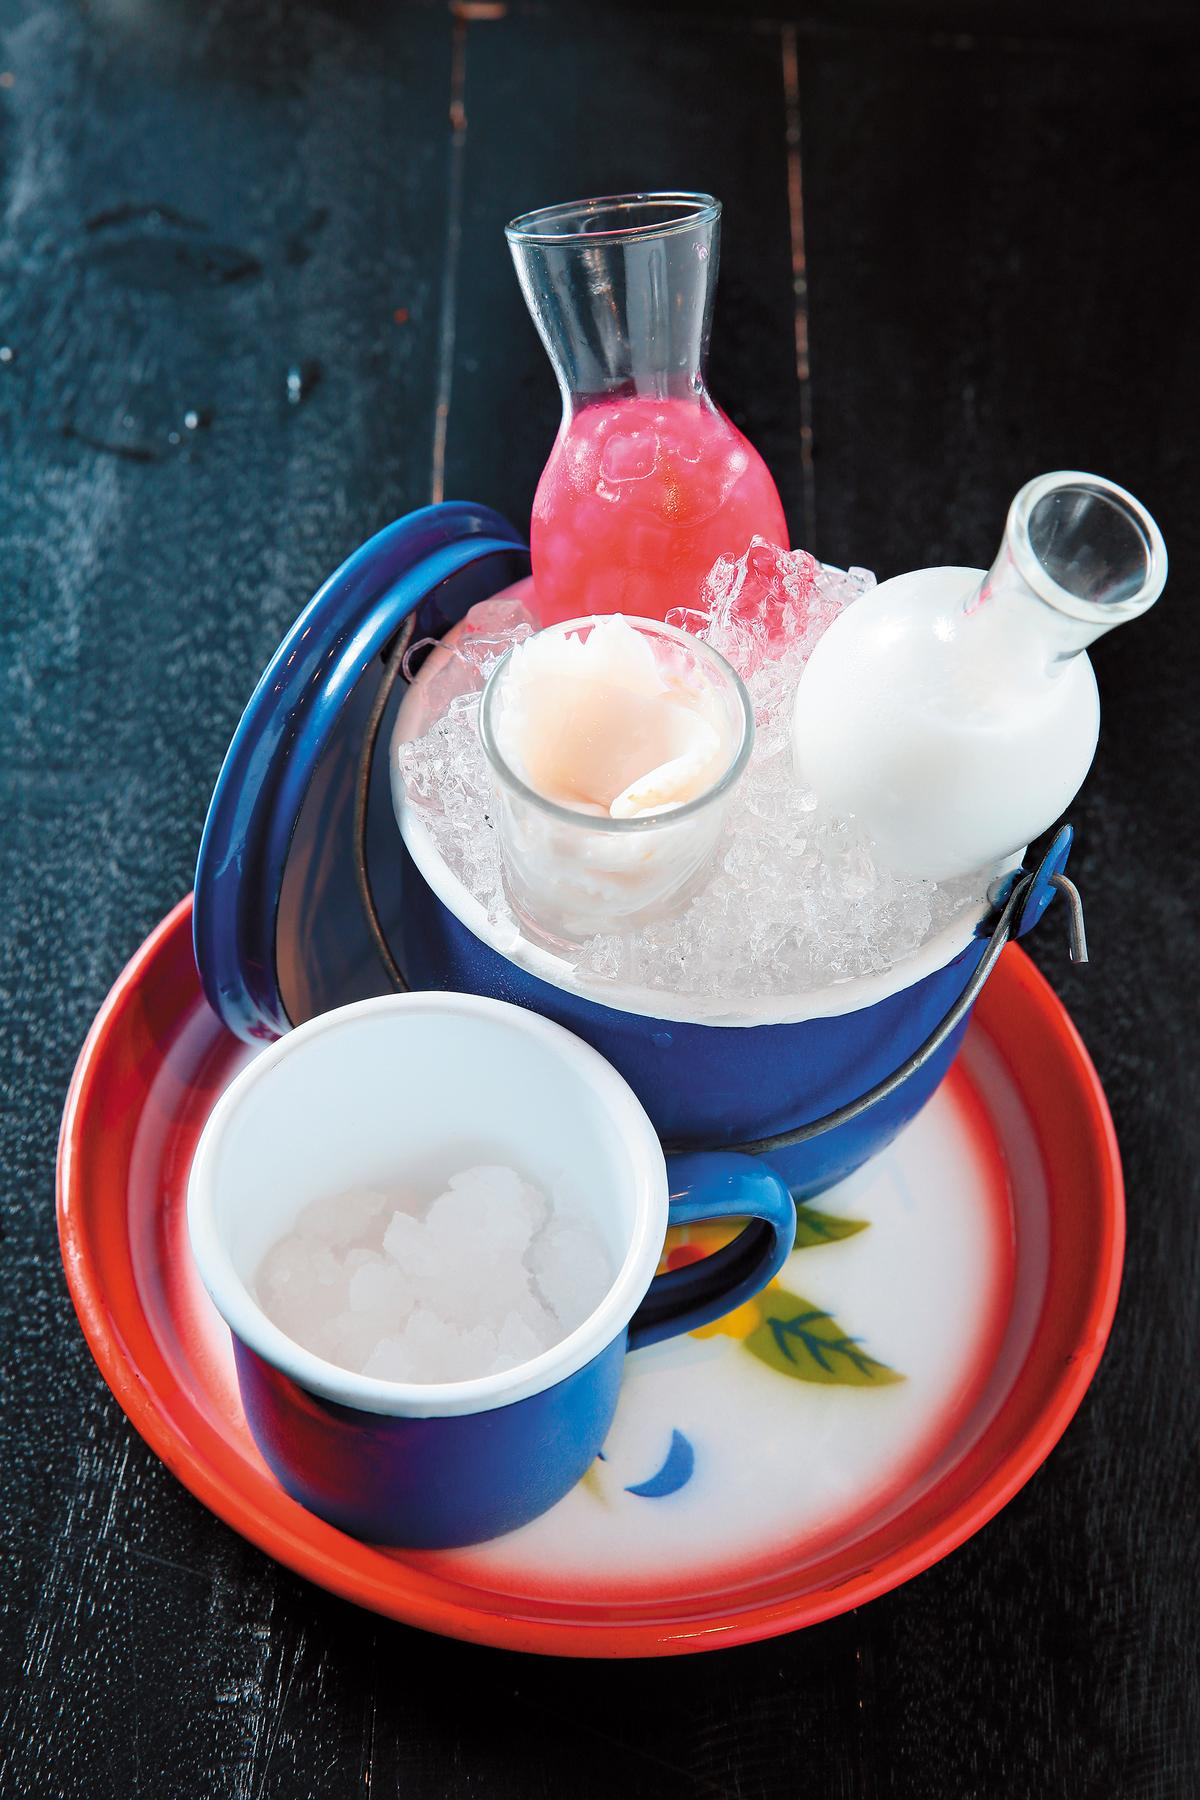 傳統椰漿甜點「Tub Tim Grob」,顏色紅豔的荸薺配上椰肉和碎冰,淋上椰奶品嘗。(泰銖130元/份,約NT$116)